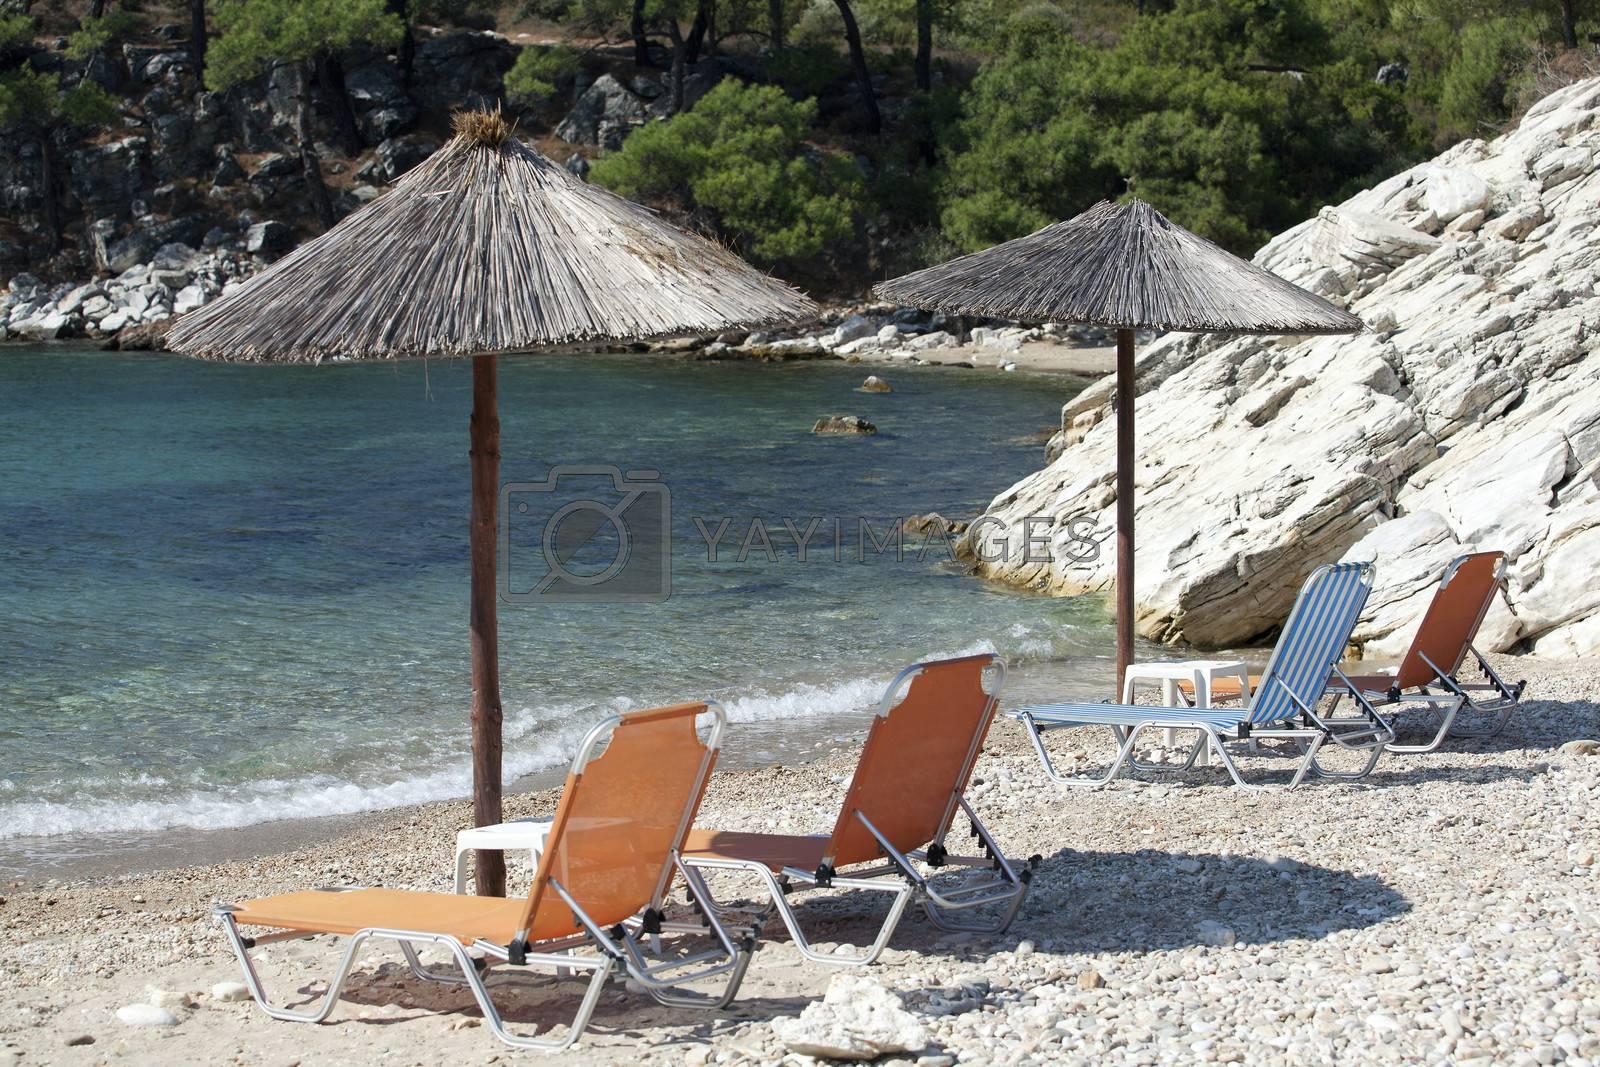 Deckchairs under parasol on sunny beach